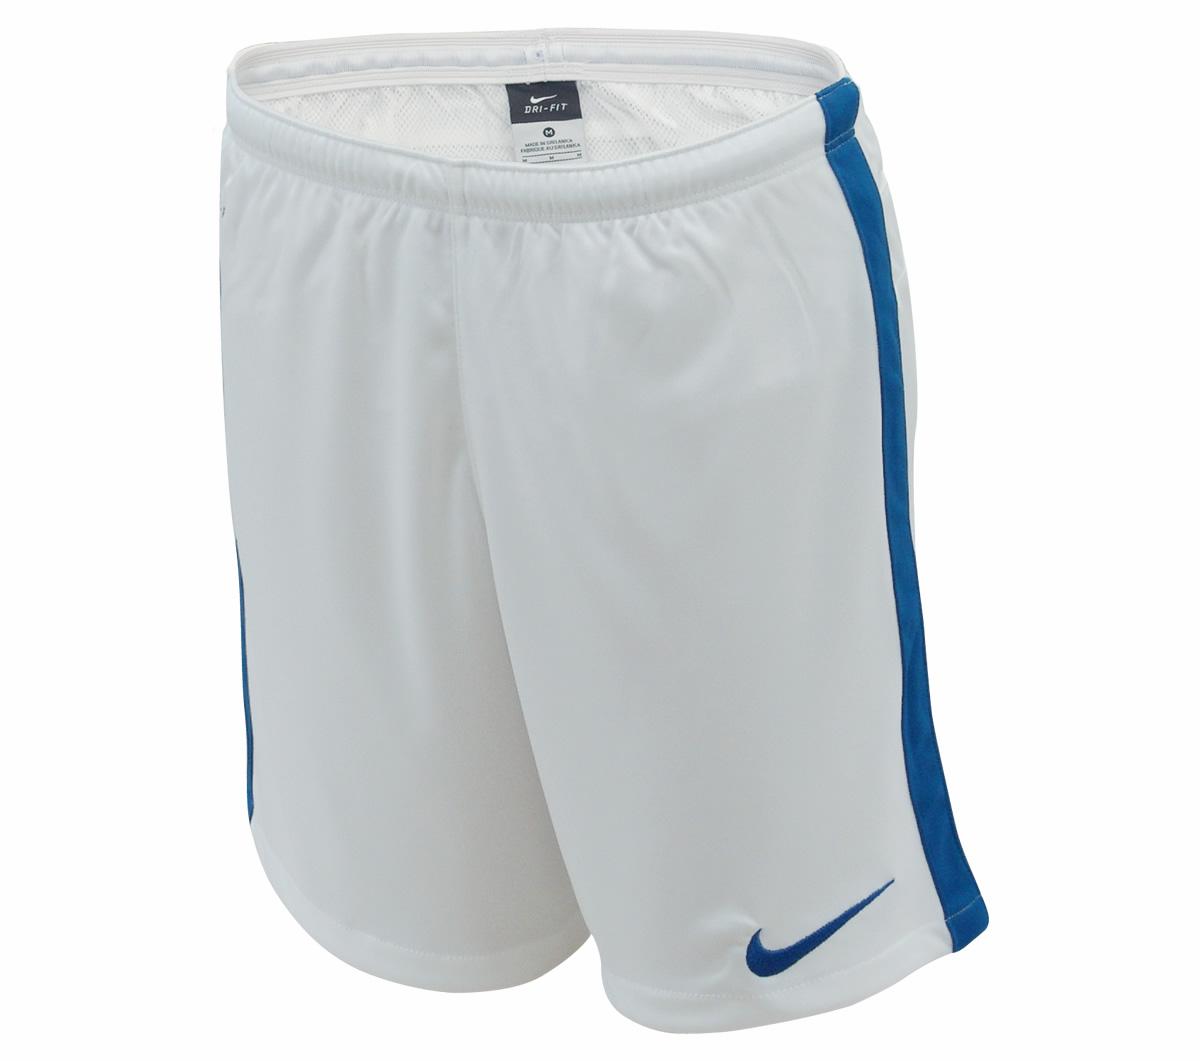 cc65feec0c210 ... Calção Nike DF Knit Infantil Branco e Azul ...